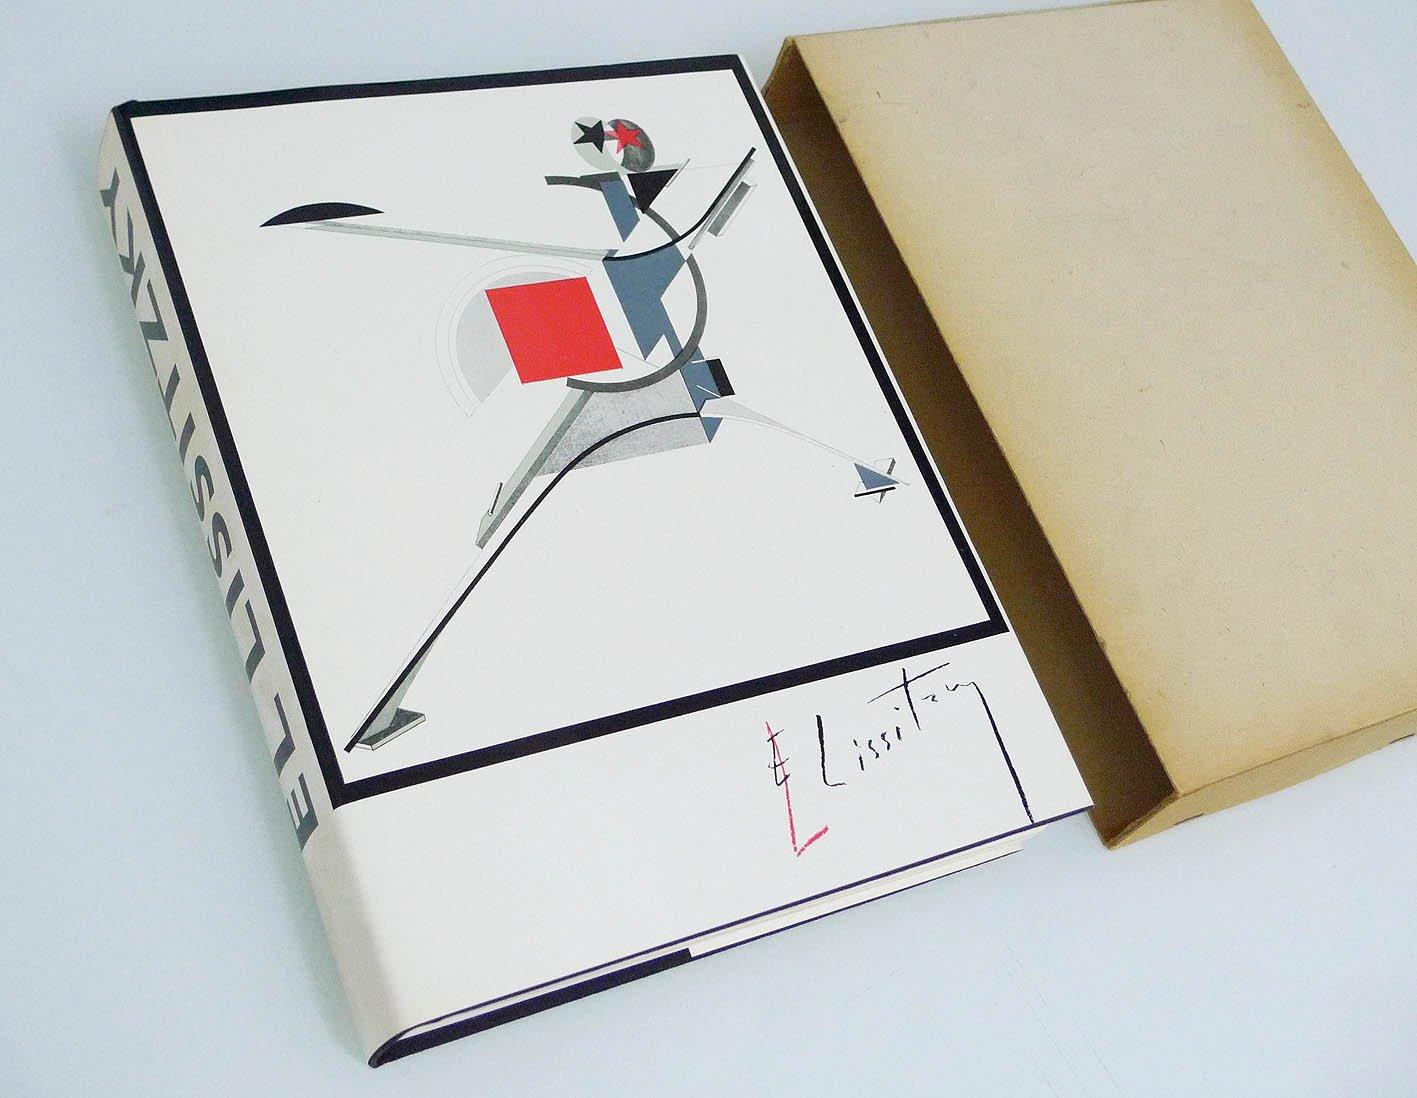 El Lissitzky: Maler, Architekt; Typograf, Fotograf - Erinnerungen, Briefe, Schriften. Gebundenes Buch – 1967 Sophie Lissitzky-Küppers Verl. der Kunst VEB B0000BSE0S Bildende Kunst